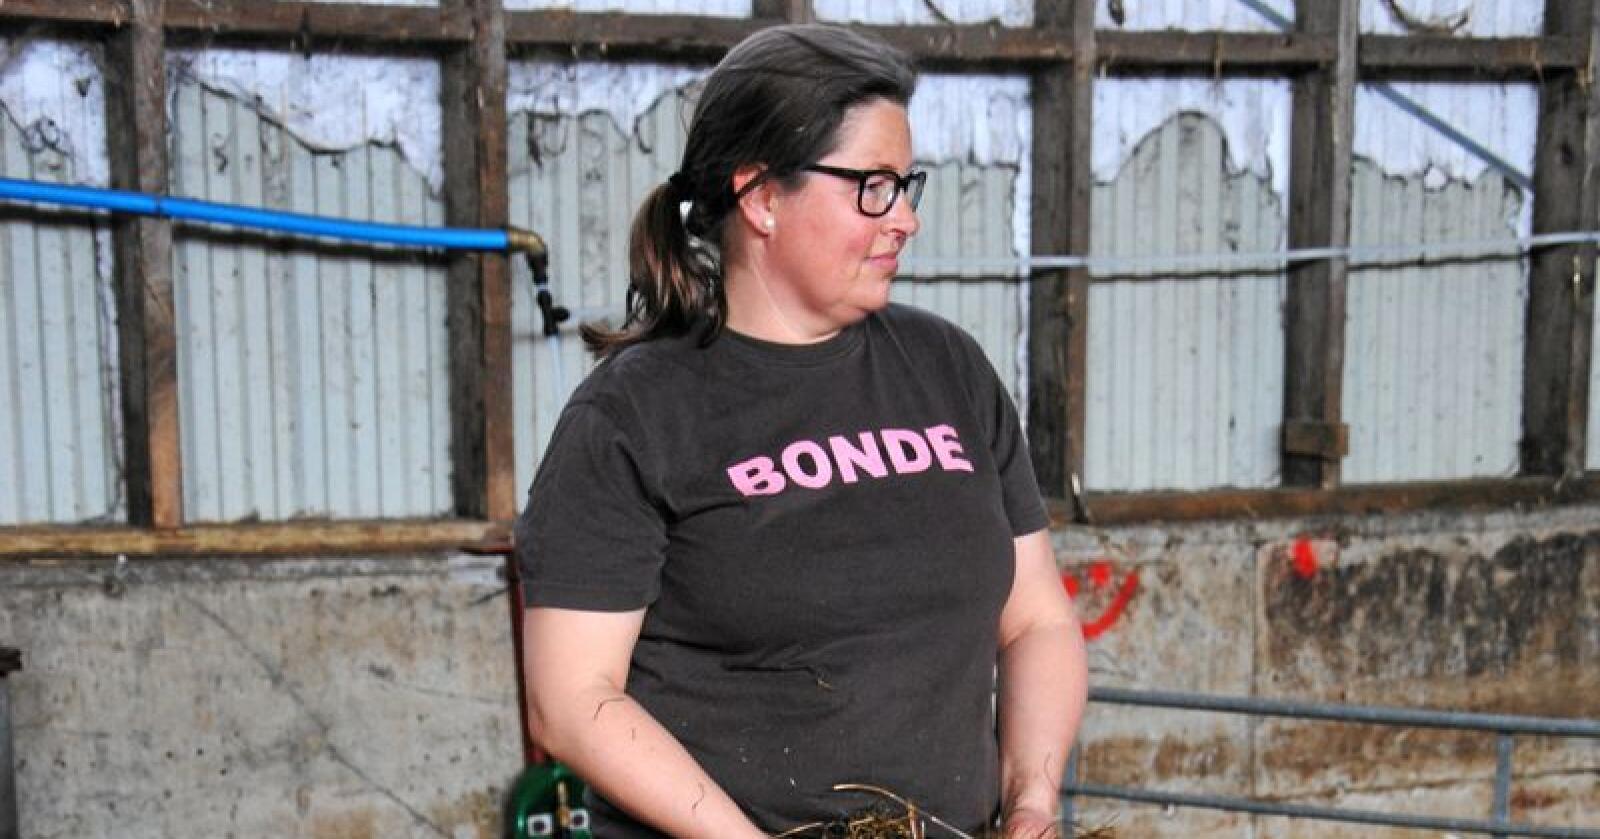 Sauebonde og leder i Oppland Bondelag, Kristina Hegge. Kommer fra Biri i Gjøvik kommune.